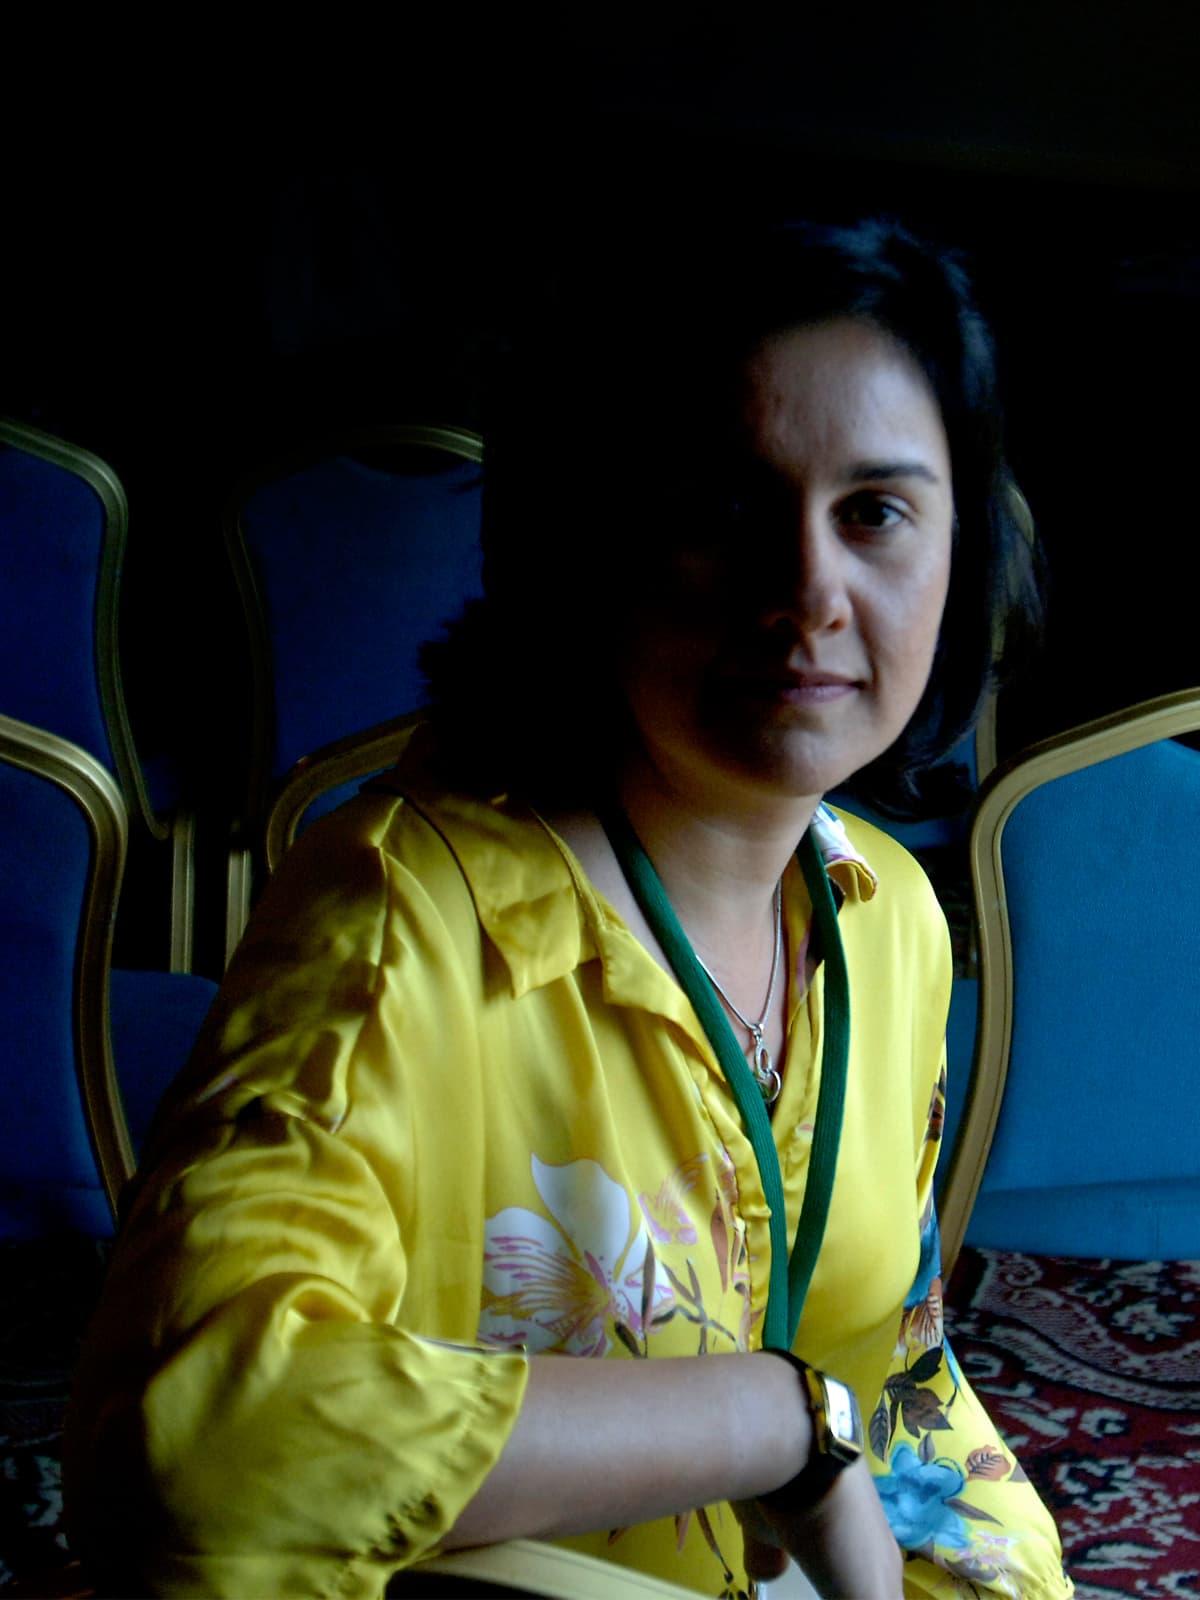 Kamila Shamsie | Arif Mahmood, White Star